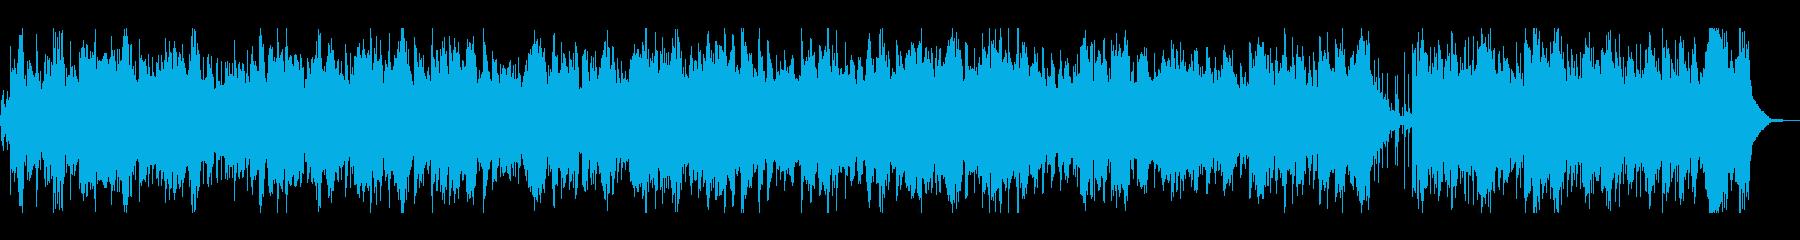 カントリー調POPのバイオリン曲の再生済みの波形